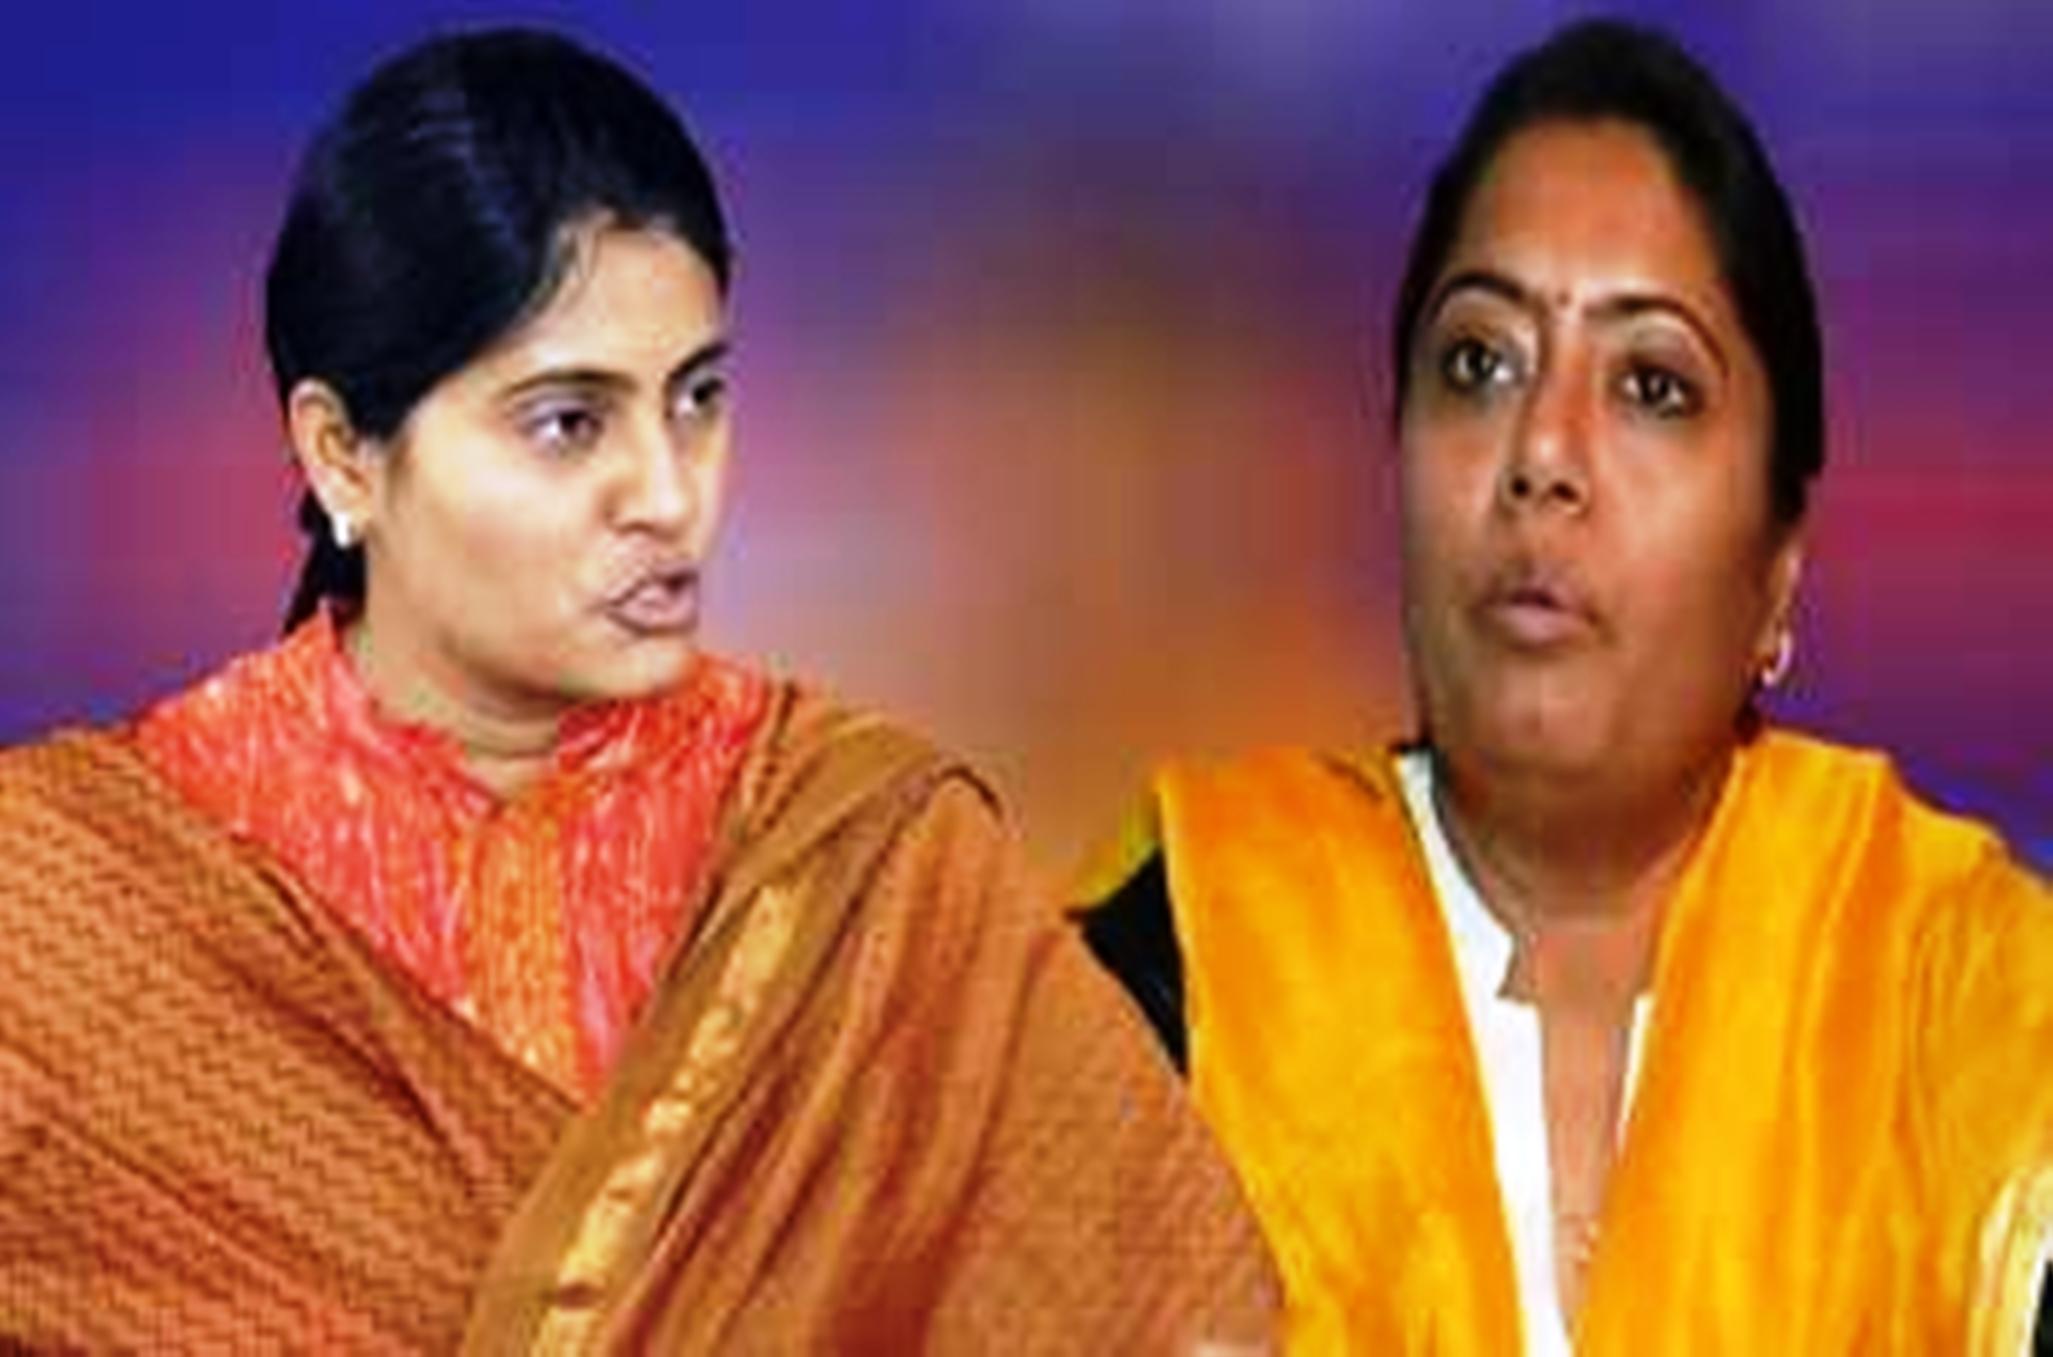 कृष्णा के बाद पल्लवी पर प्रसपा की नजर, अनुप्रिया के खिलाफ लड़ सकती हैं चुनाव